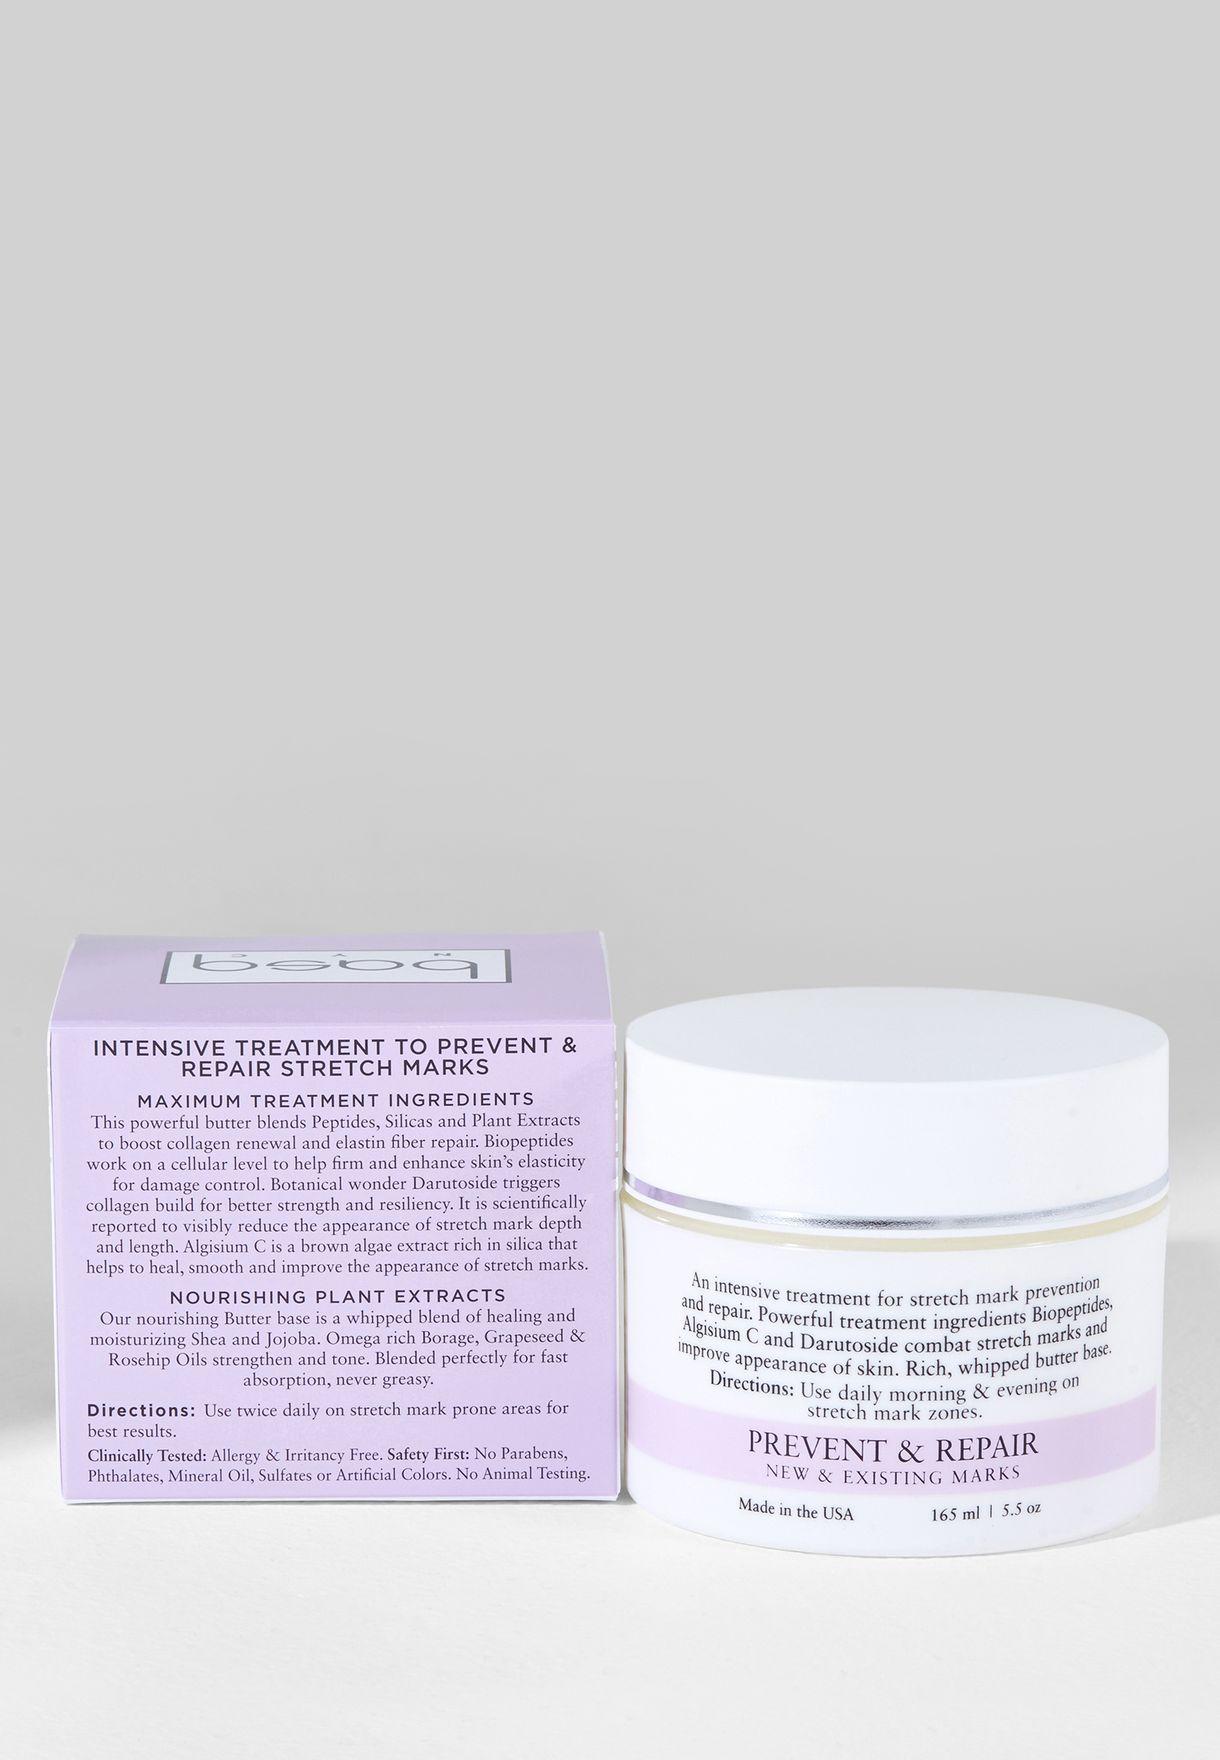 زبدة لعلاج مكثف لعلامات تمدد الجلد